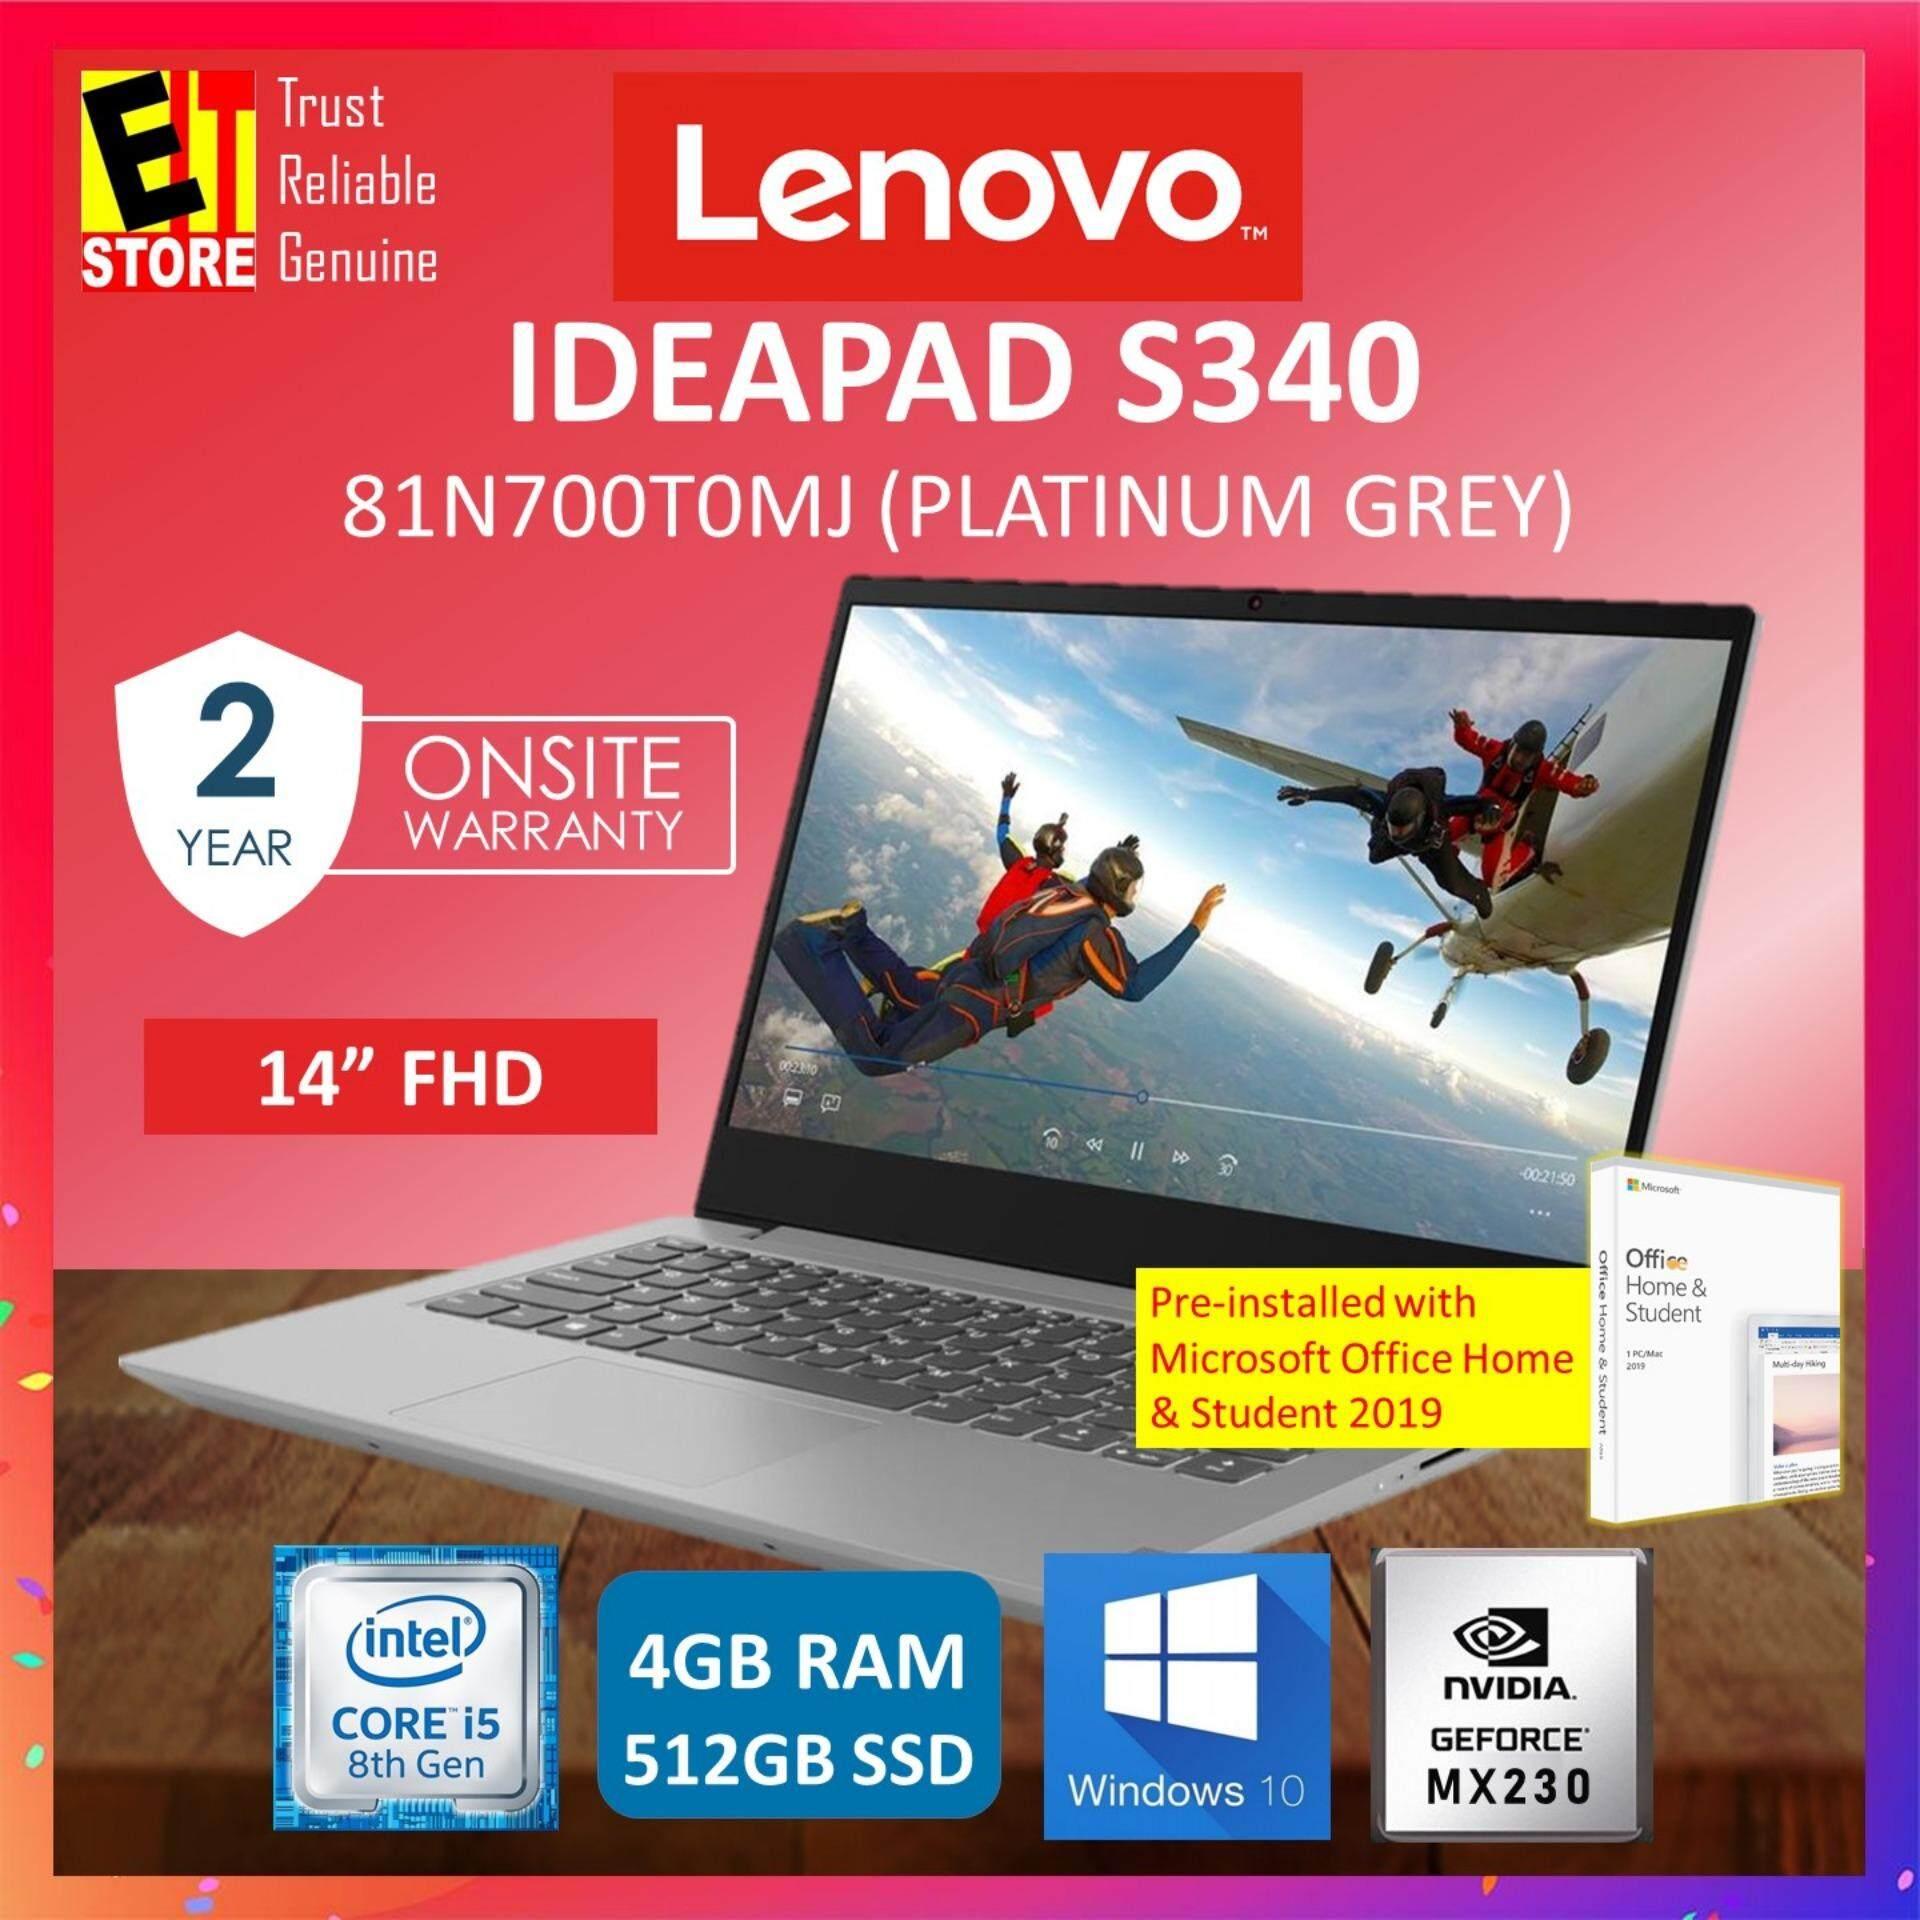 LENOVO IDEAPAD S340 81N700T0MJ (PLATINUM GREY) (I5-8265U/4GB/512GB SSD/14 /2GB MX230/W10/OFF HOME & STUDENT 2019/2YRS ONSITE) Malaysia